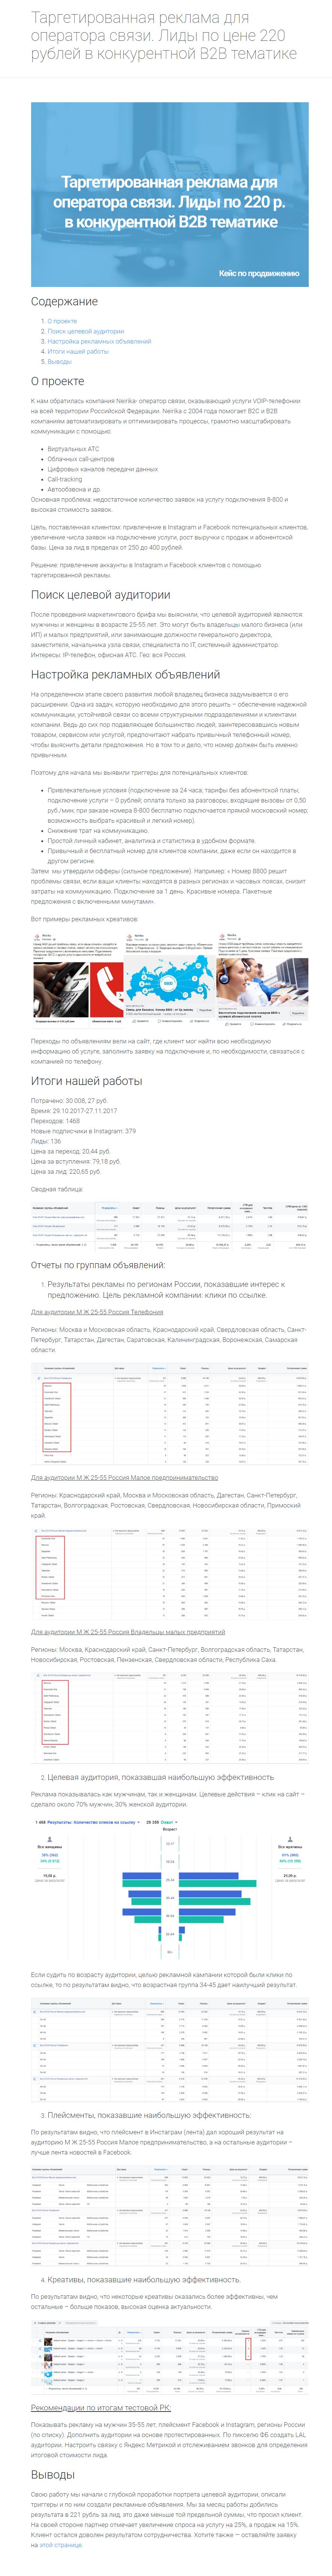 Таргетированная реклама для оператора связи. Лиды по цене 220 рублей в конкурентной B2B тематике.